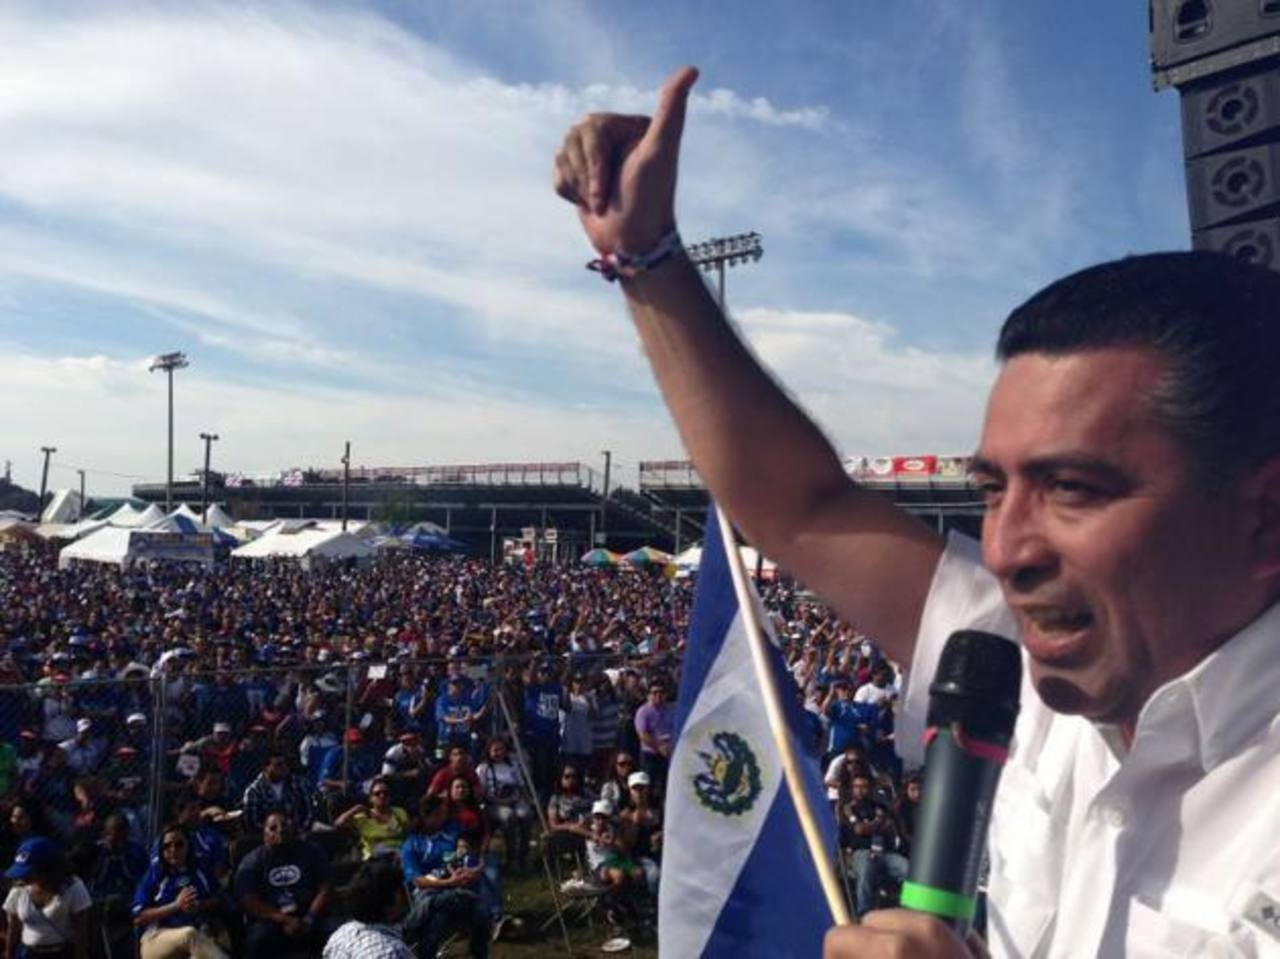 El compañero de fórmula de Quijano celebró la independencia con connacionales en Festival de Maryland. foto edh / cortesía